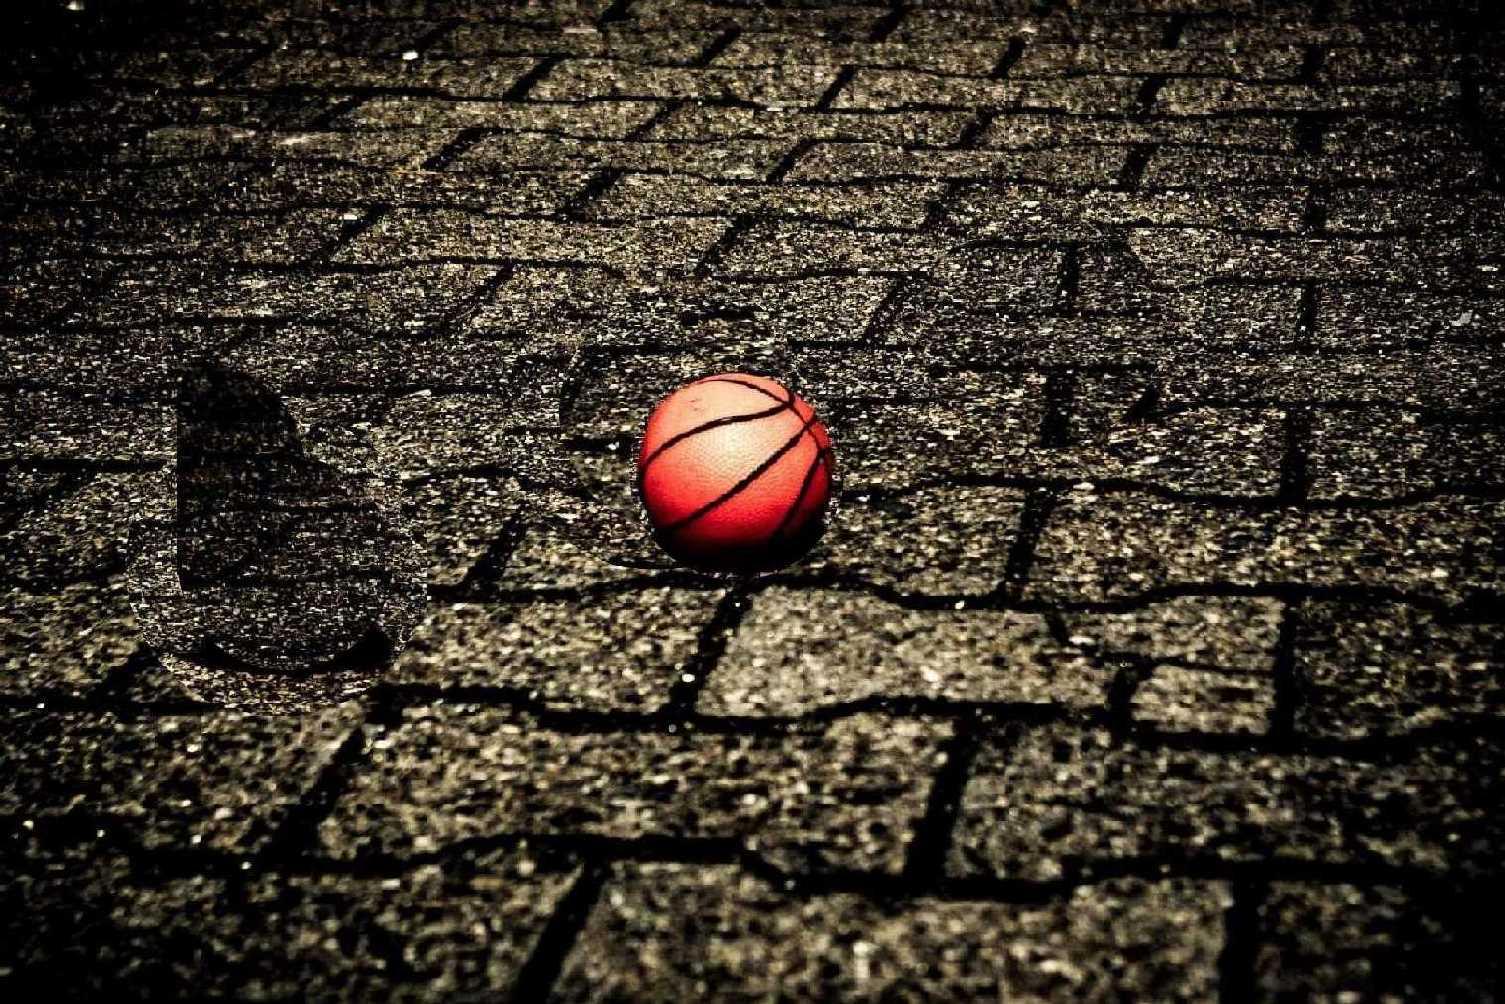 High Definition Basketball Wallpaper